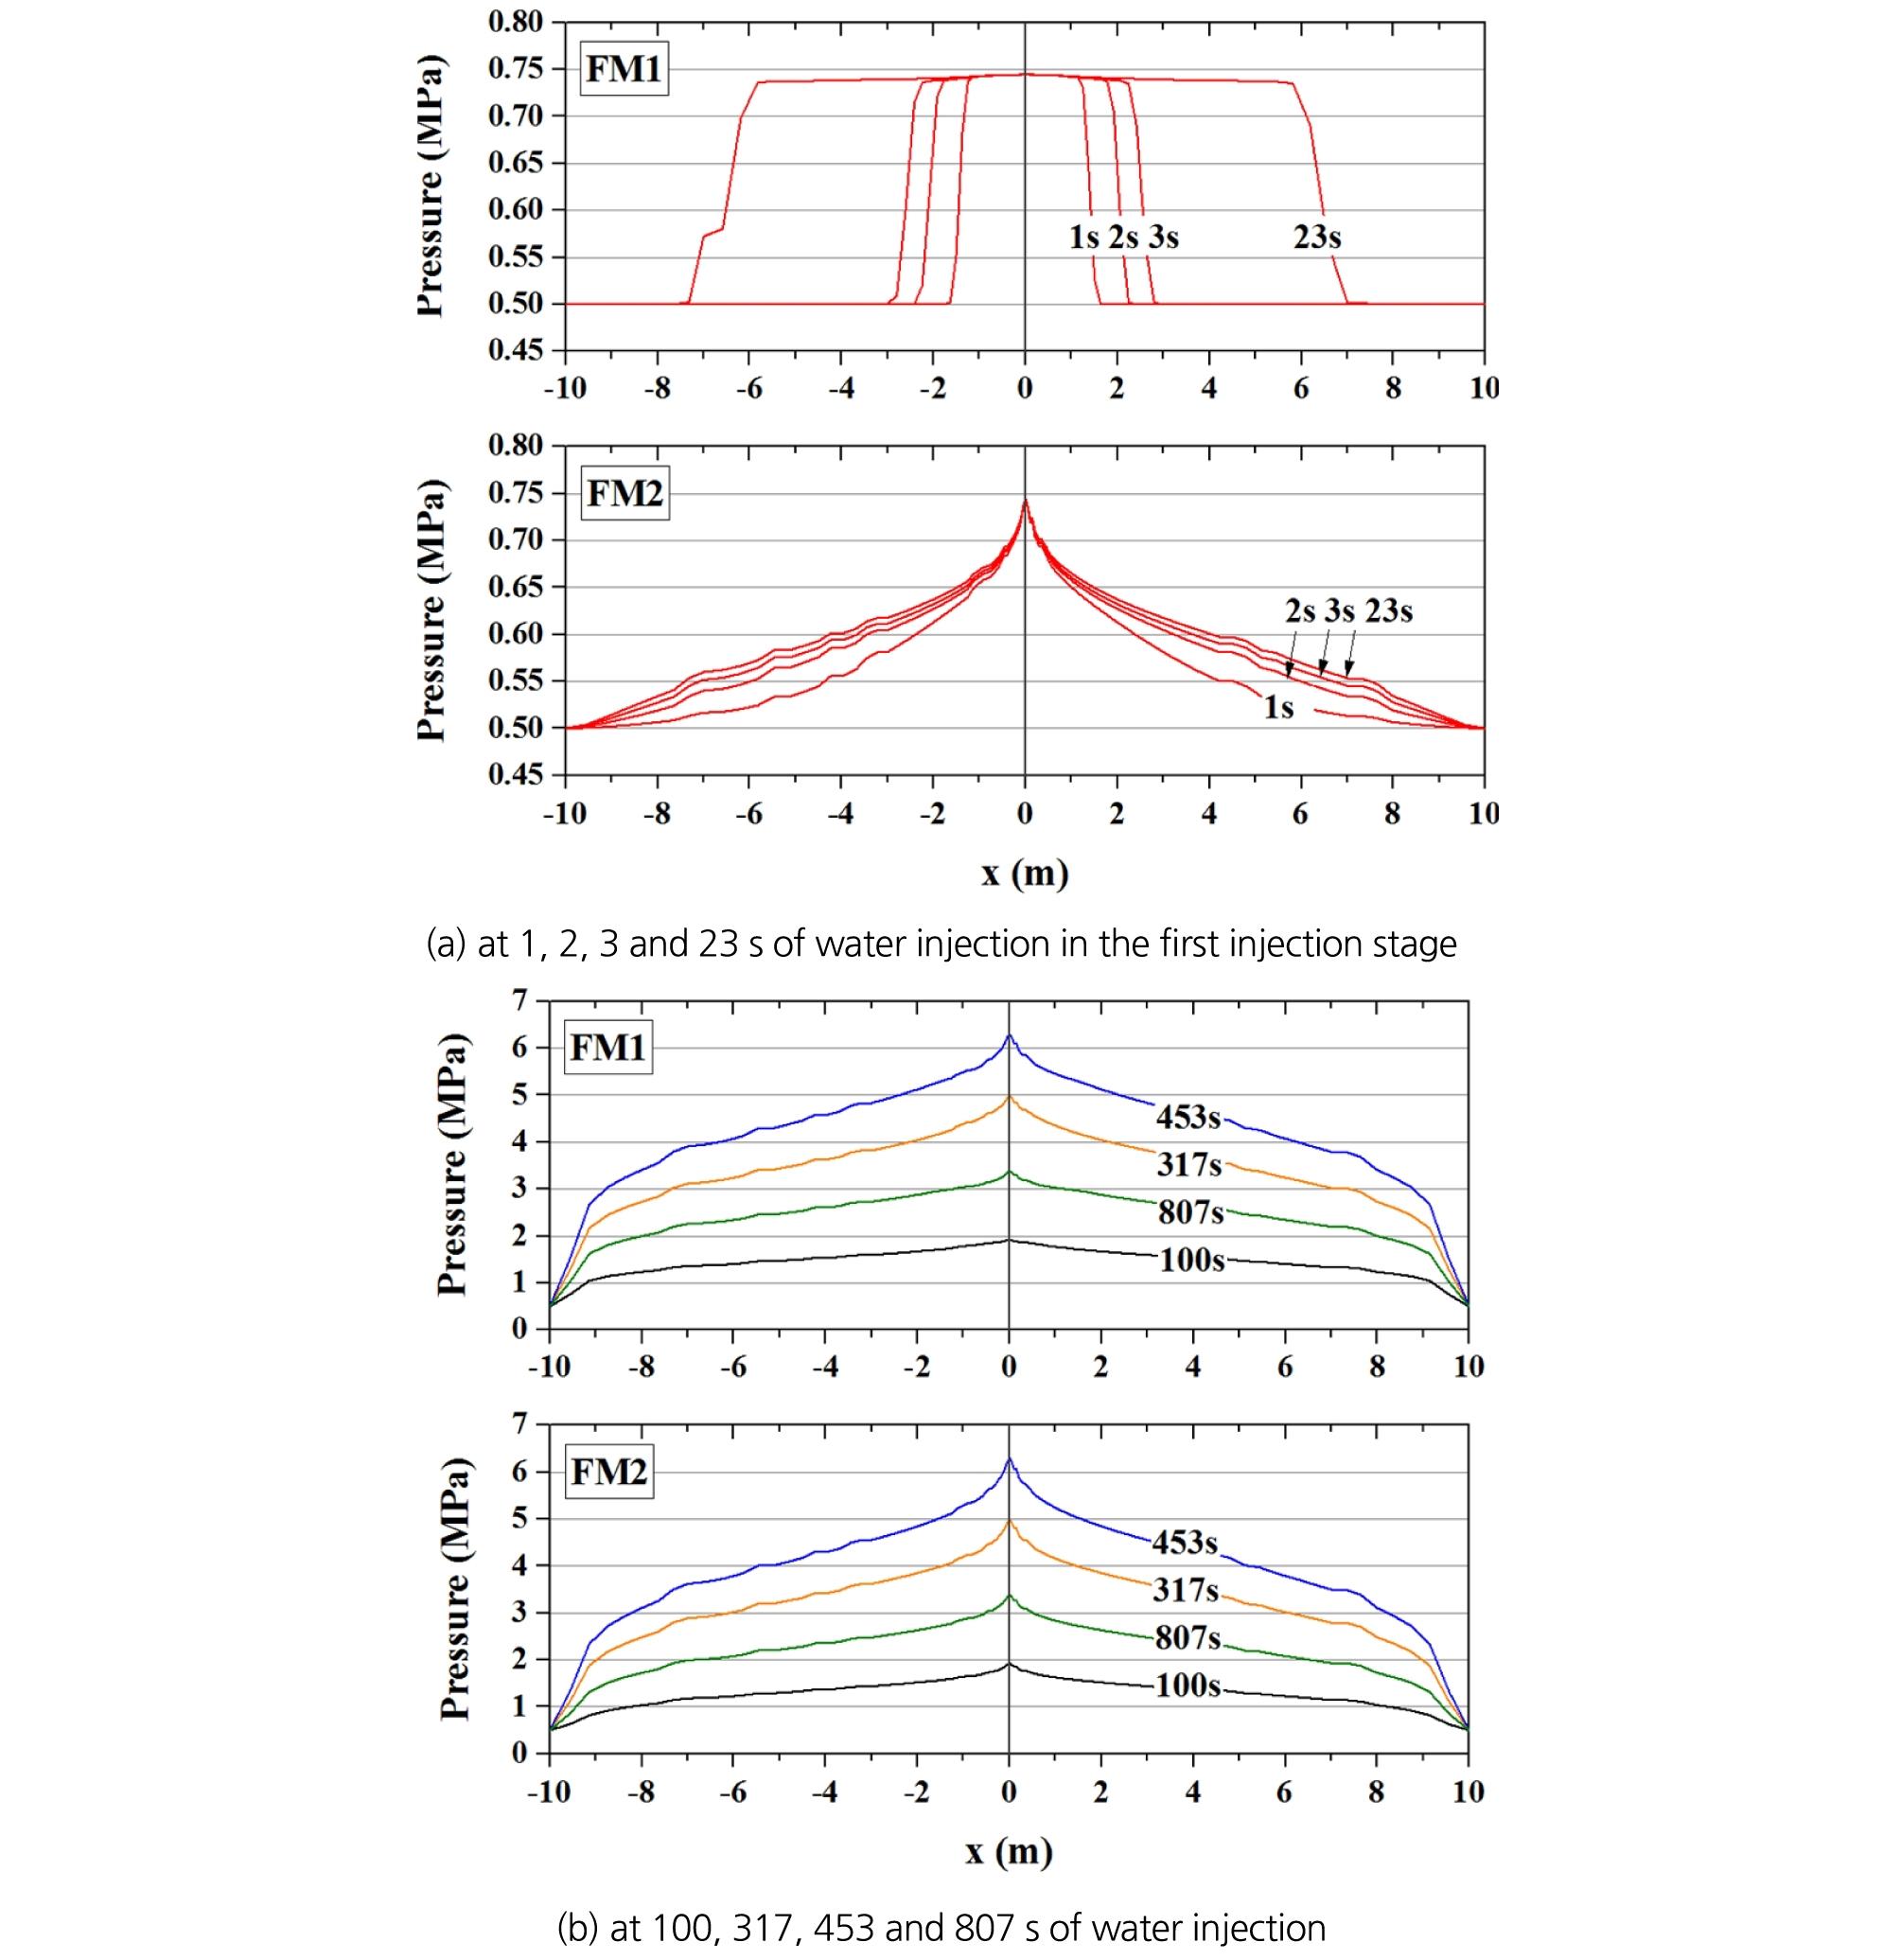 http://static.apub.kr/journalsite/sites/ksrm/2018-028-05/N0120280502/images/ksrm_28_05_02_F17.jpg